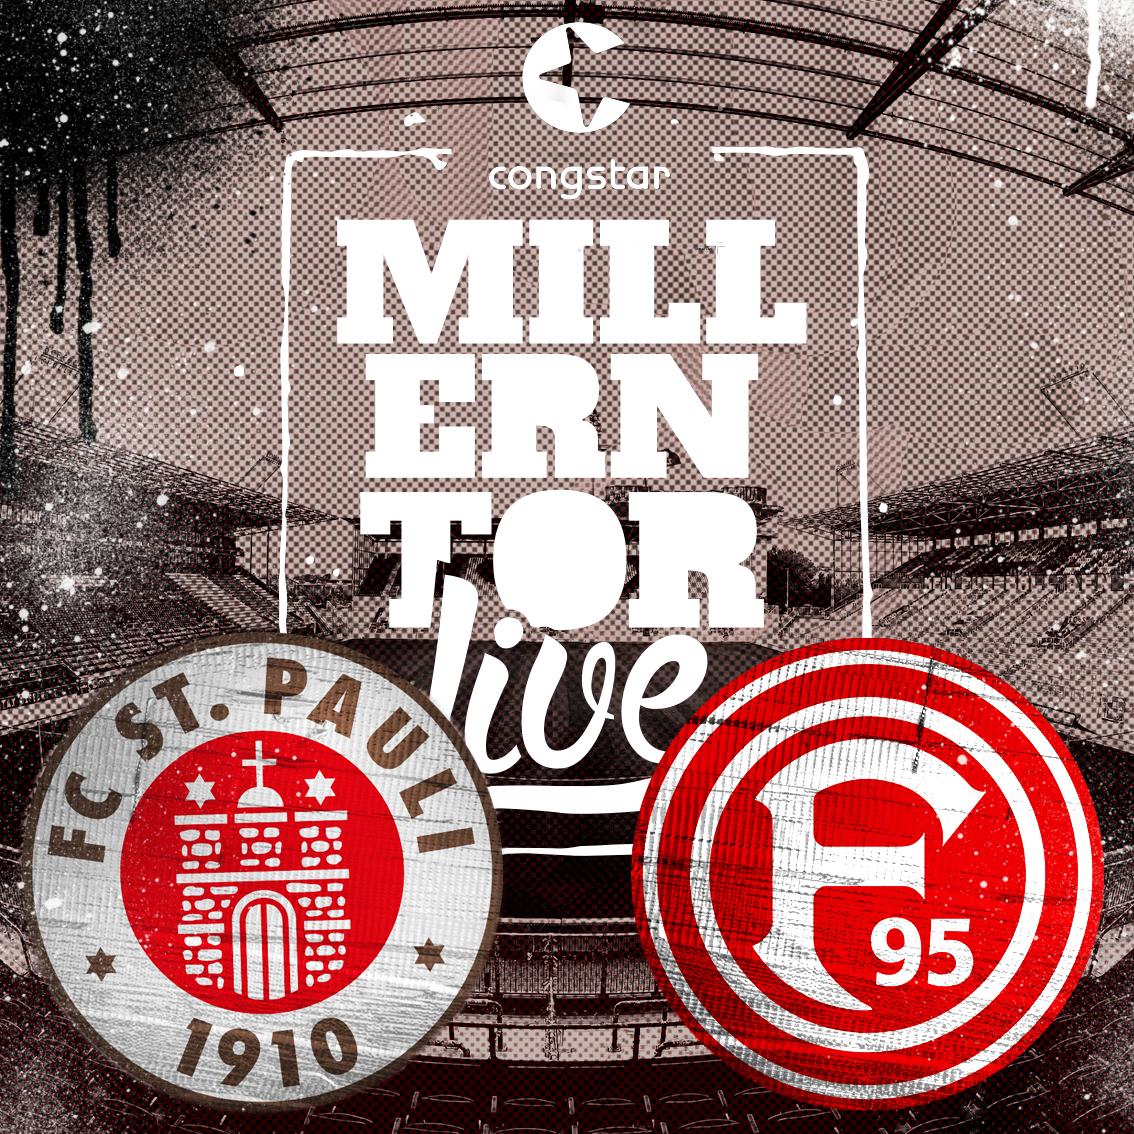 Millerntorlive – unsere Heimspielsendung gegen Düsseldorf